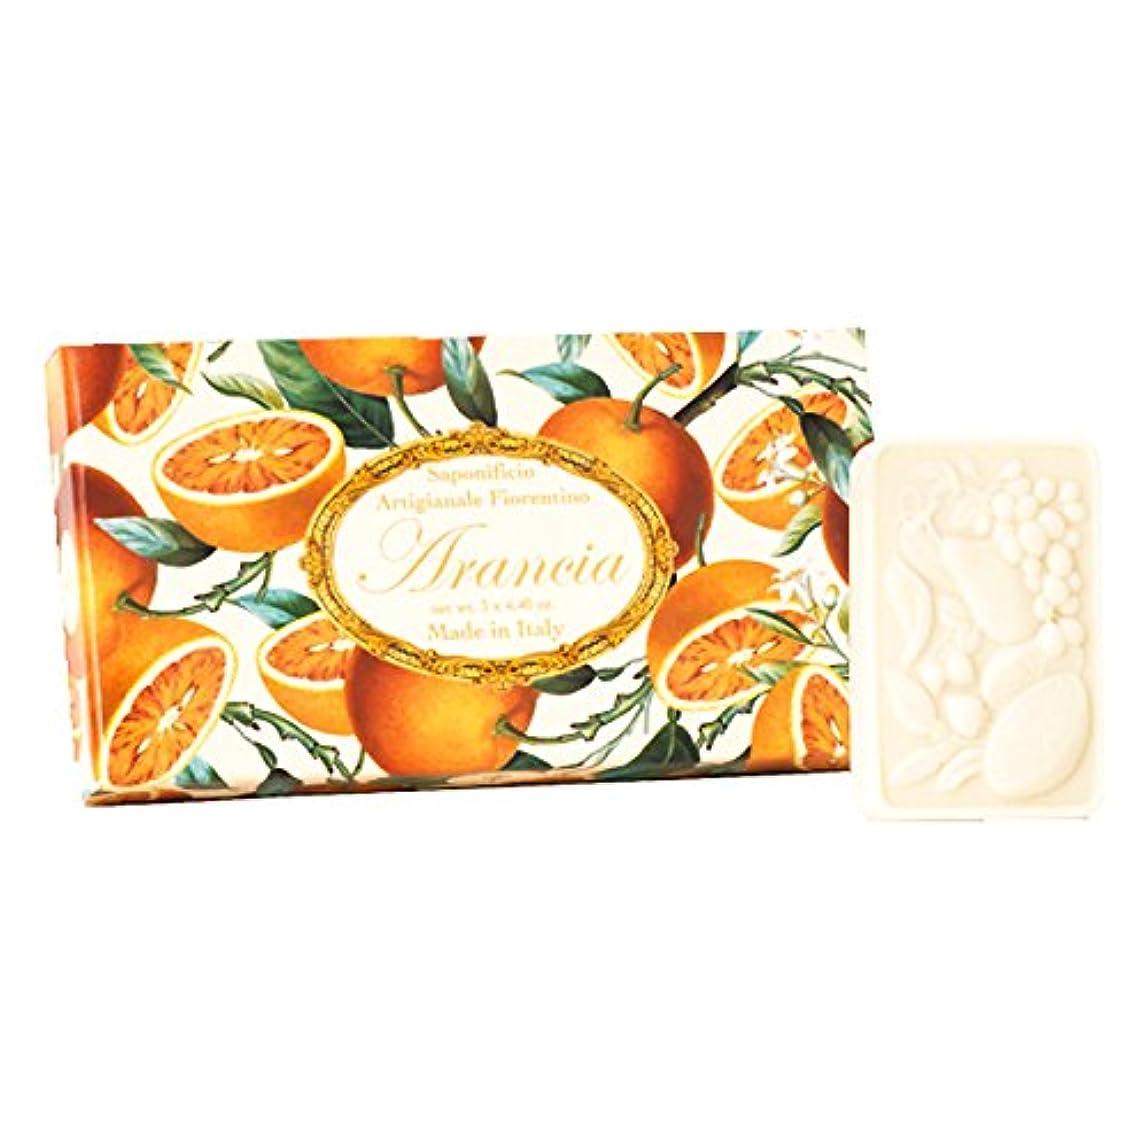 ライラック隣接する死ぬフィレンツェの 長い歴史から生まれたこだわり石鹸 オレンジ【刻印125g×3個セット】